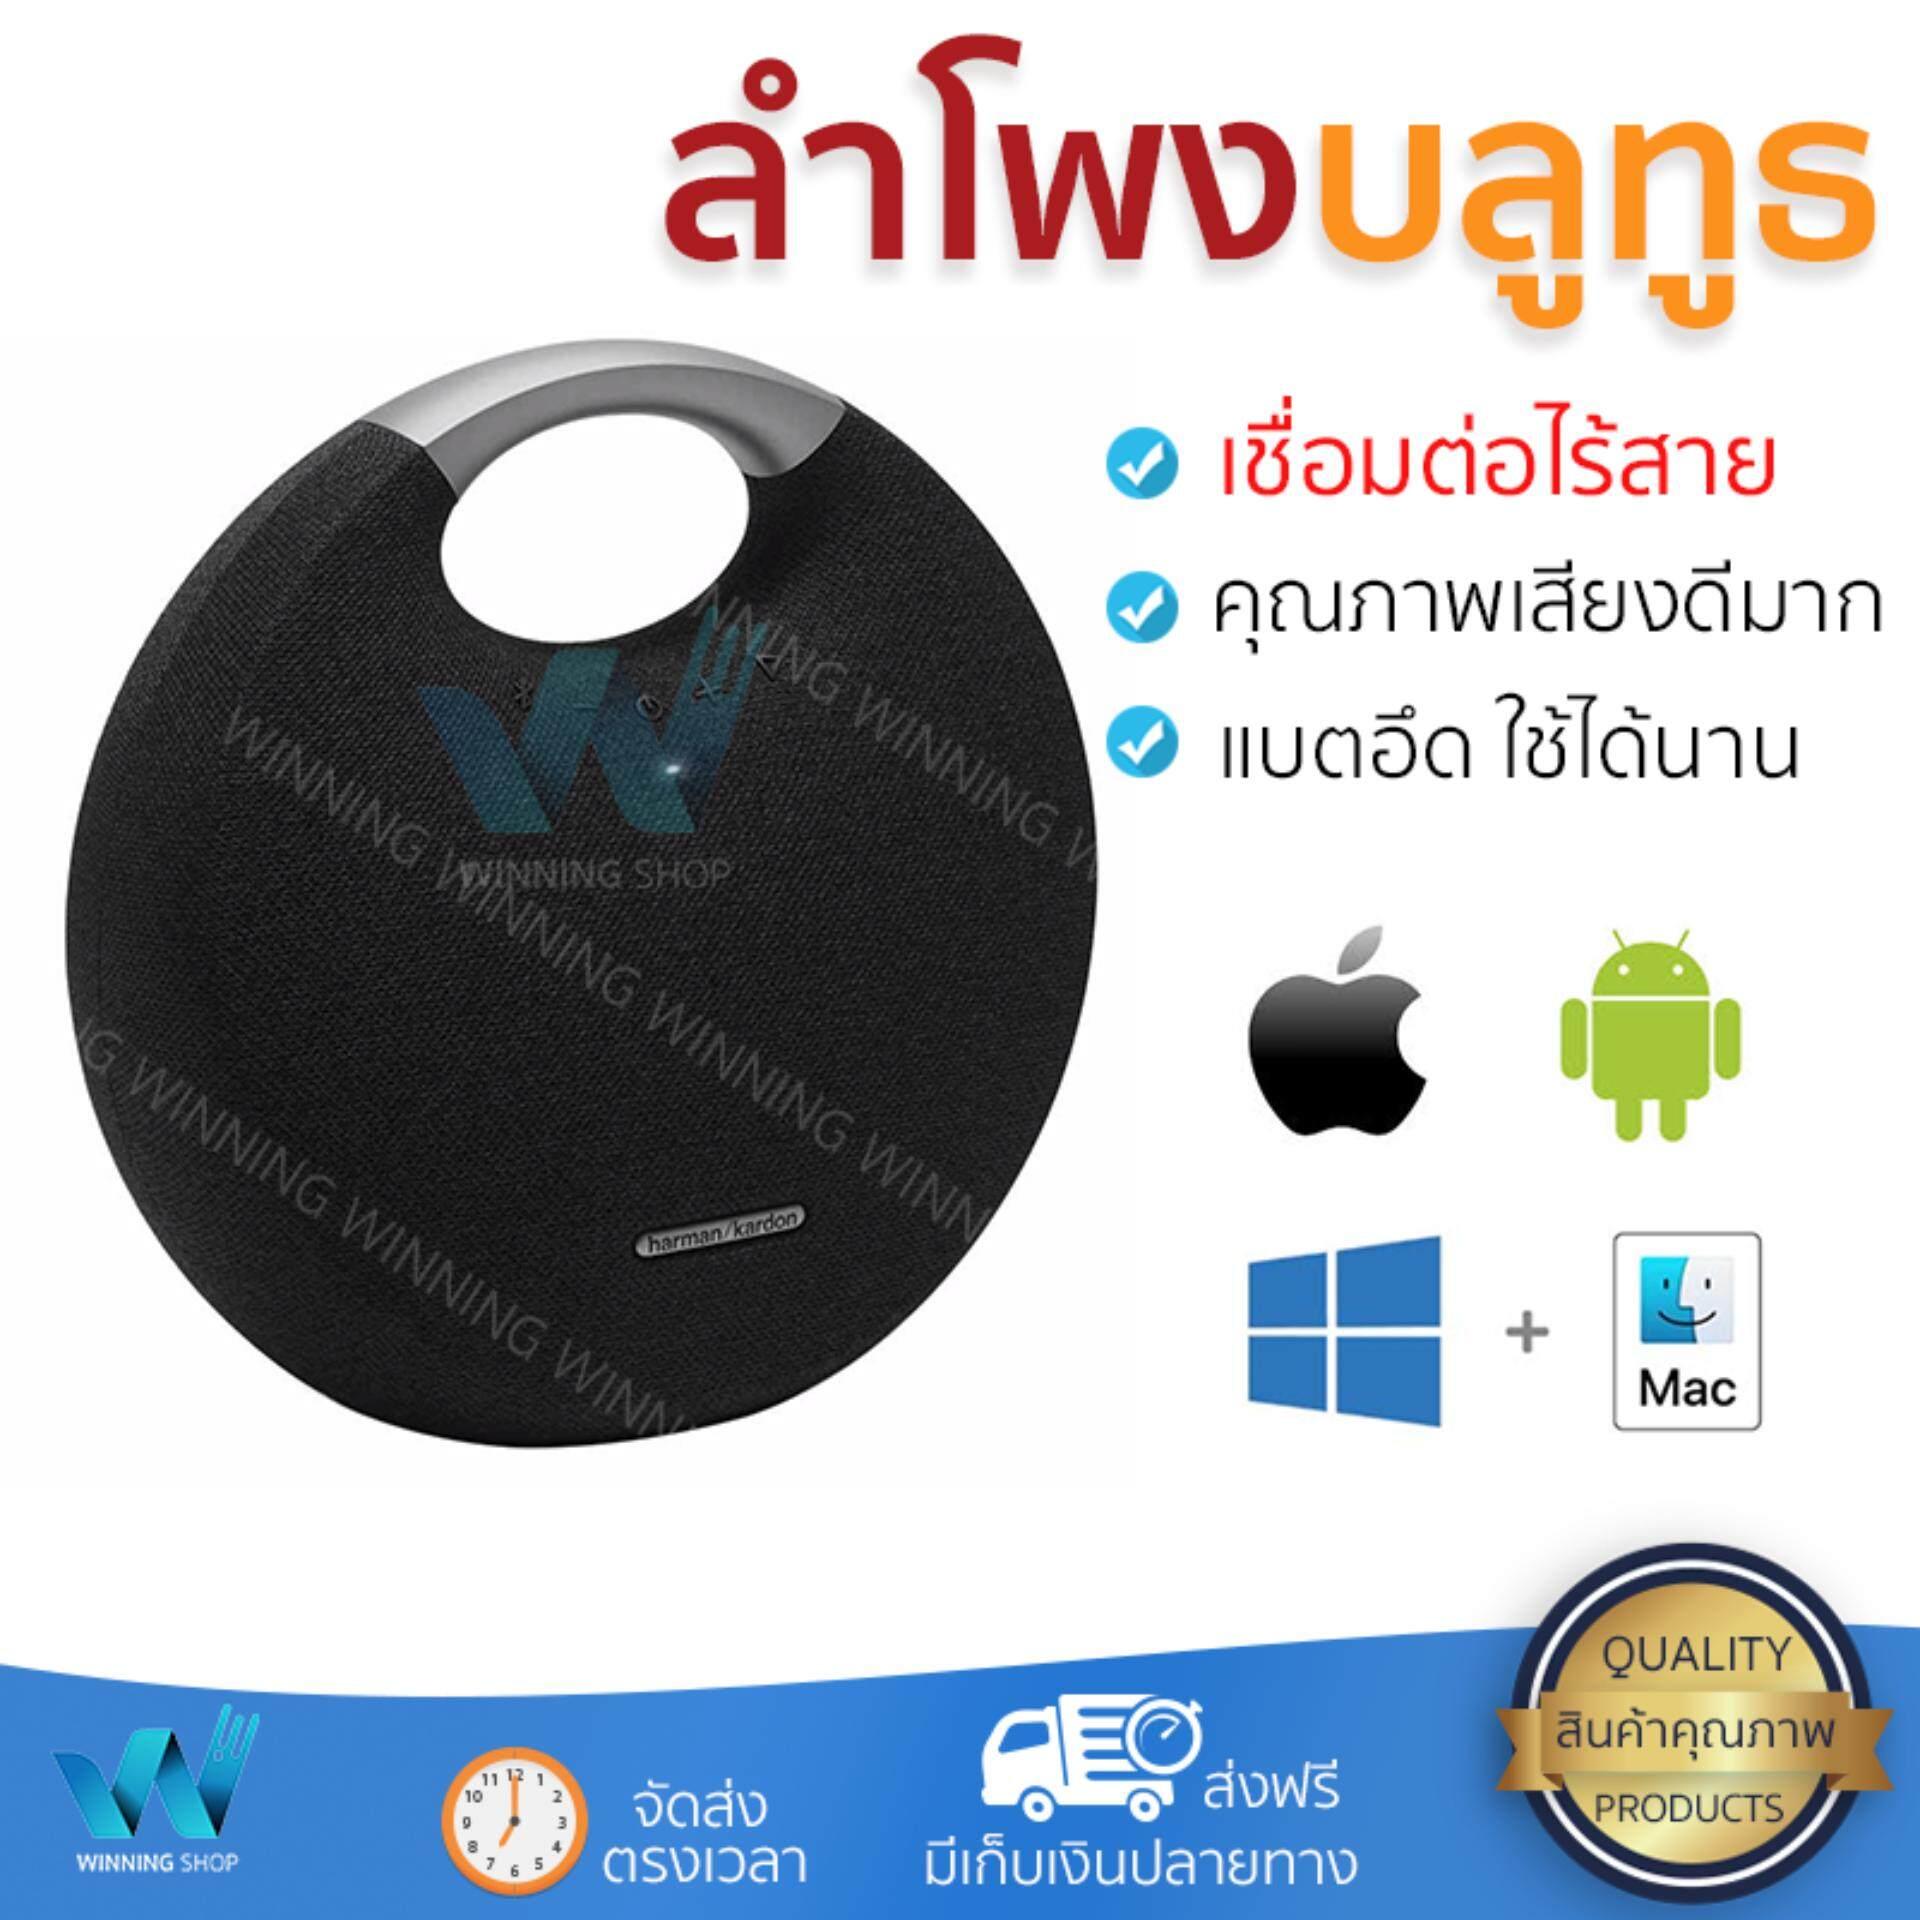 ชุมพร จัดส่งฟรี ลำโพงบลูทูธ  Harman Kardon Bluetooth Speaker 2.1 Onyx Studio 5 Black เสียงใส คุณภาพเกินตัว Wireless Bluetooth Speaker รับประกัน 1 ปี